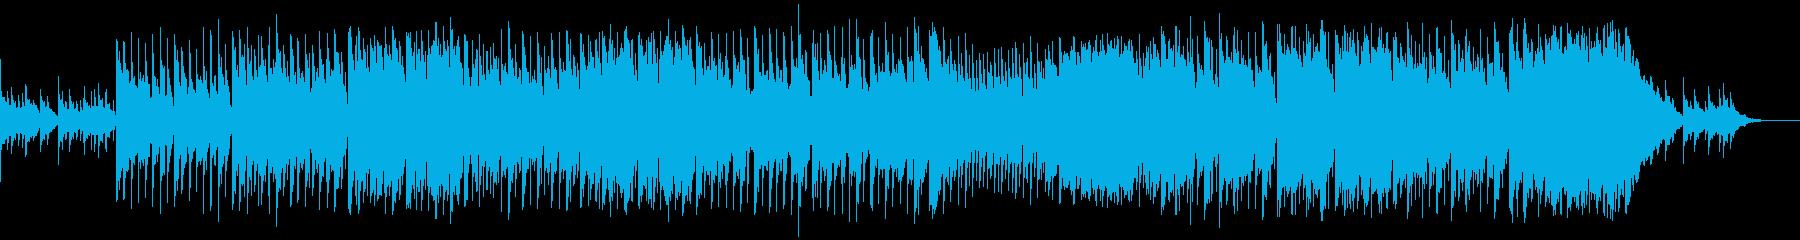 EDMです。BGMなんかにどうぞ。の再生済みの波形